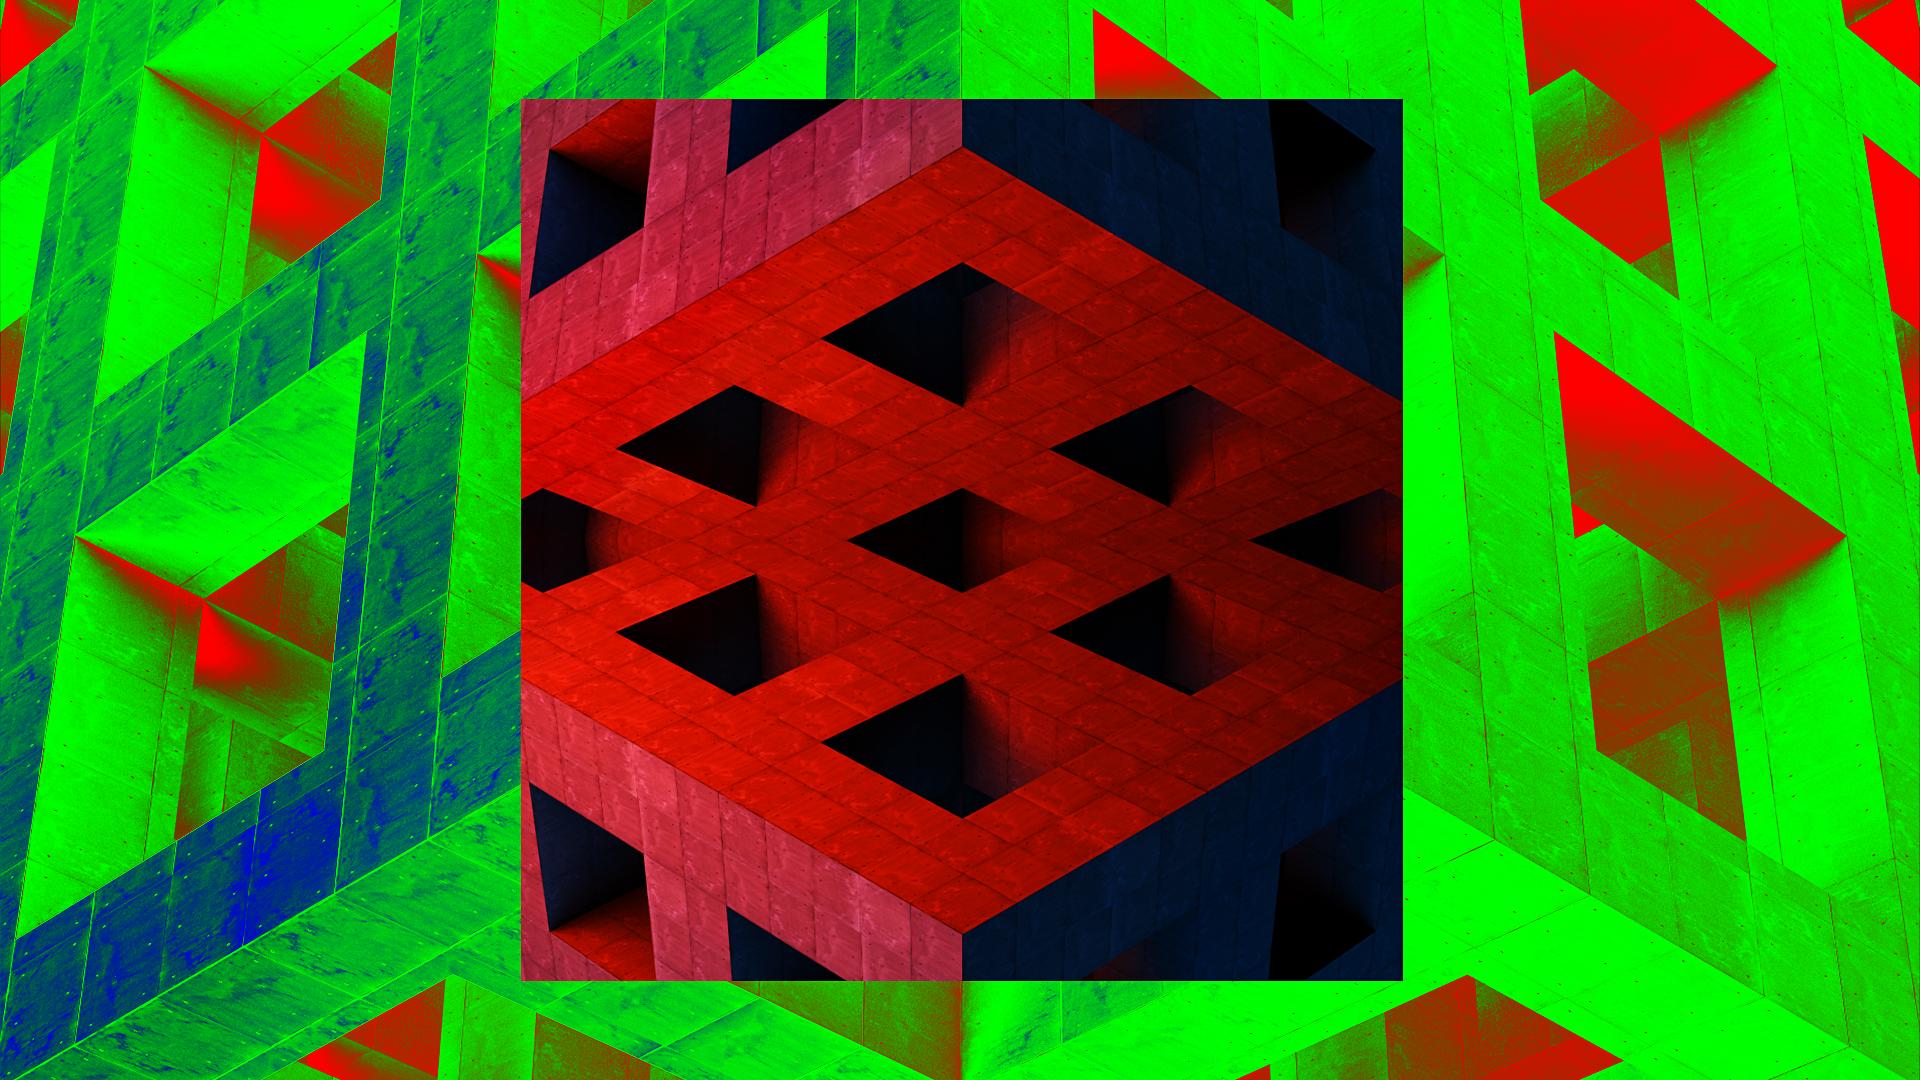 200706-MatrixCube-16x9_00640